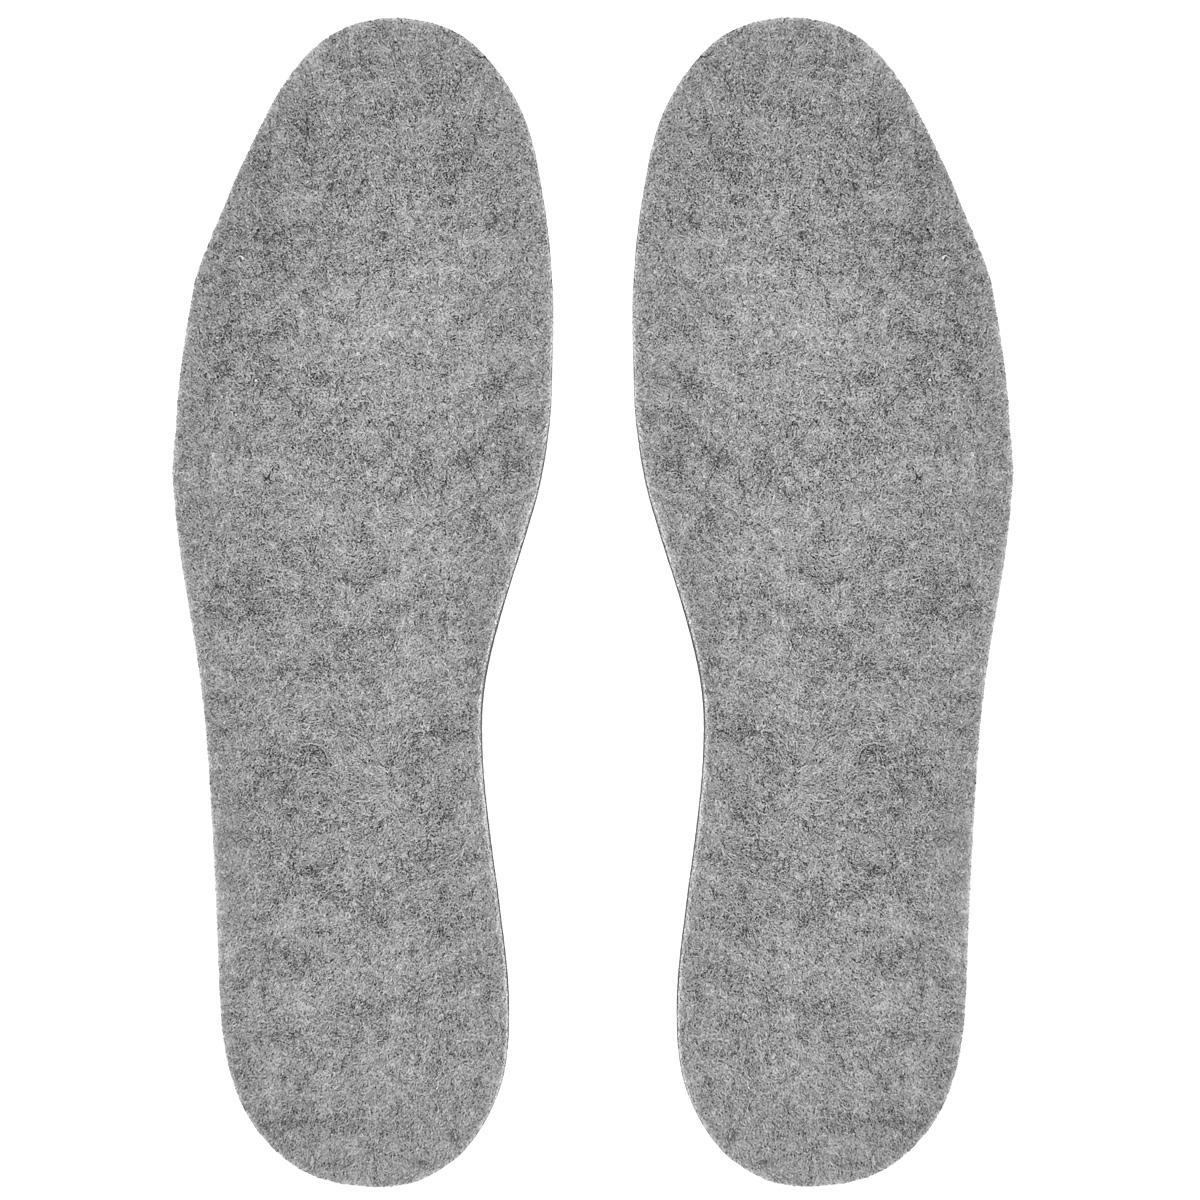 Стельки из войлока Salamander Felt Insole, для раскроя, размер 36-46665706Стельки из войлока Salamander Felt Insole идеально подходят для спортивной и рабочей обуви. Прочный износостойкий войлок на основе вспененного латекса с активированным углем поглощает влагу и неприятные запахи, обеспечивает высокую термоизоляцию. Ноги остаются сухими и теплыми. Мягкая пена амортизирует стопу. Стельки можно раскроить под свой размер.